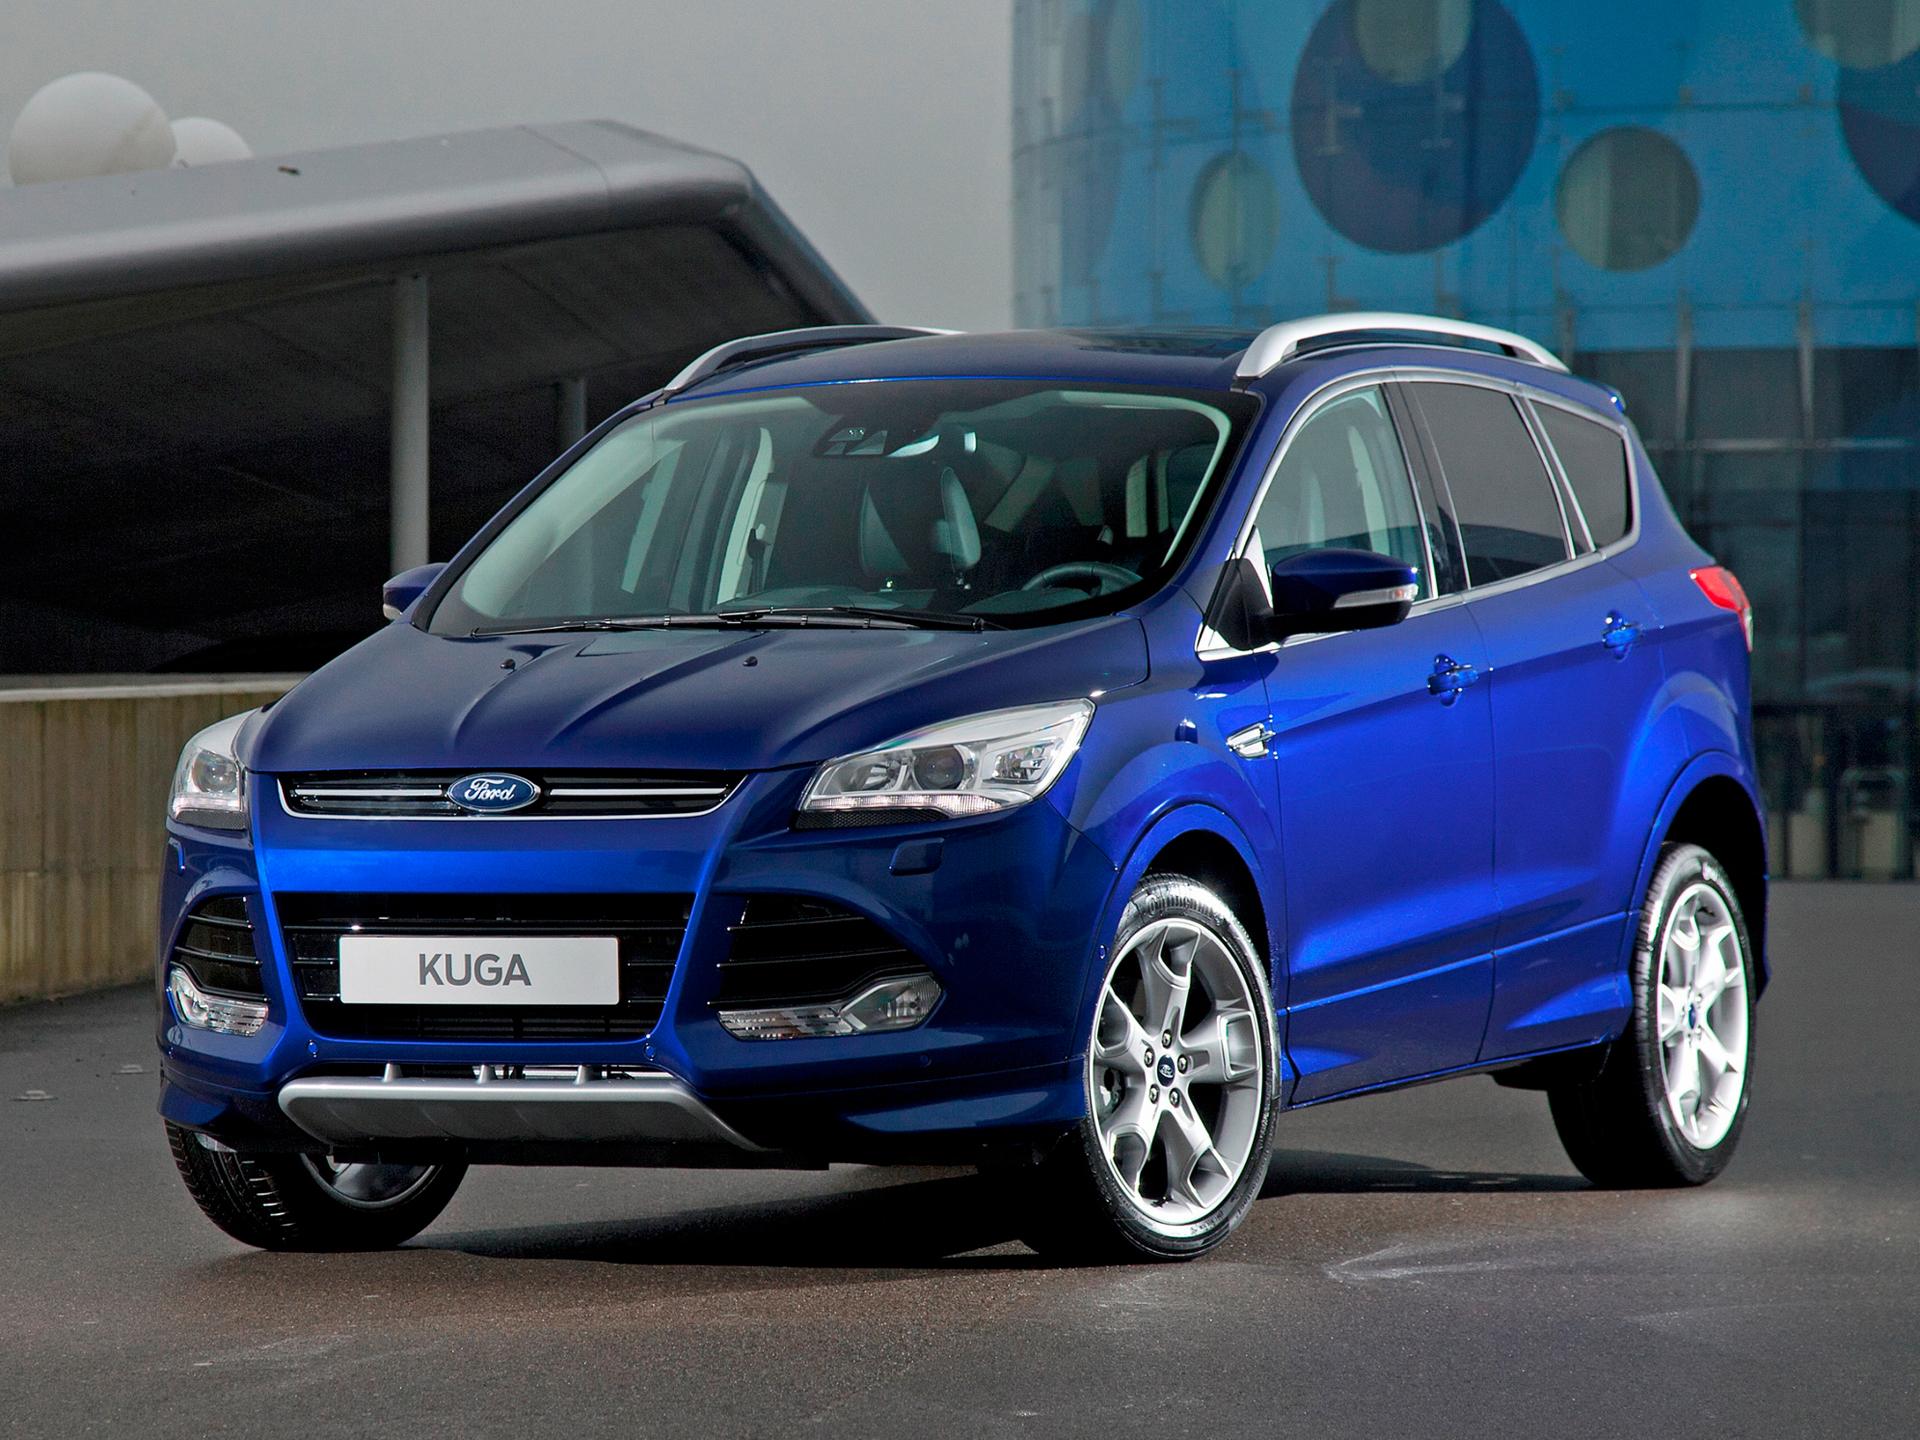 Ford отзывает Focus и Kuga в России из-за угрозы огня из-под капота